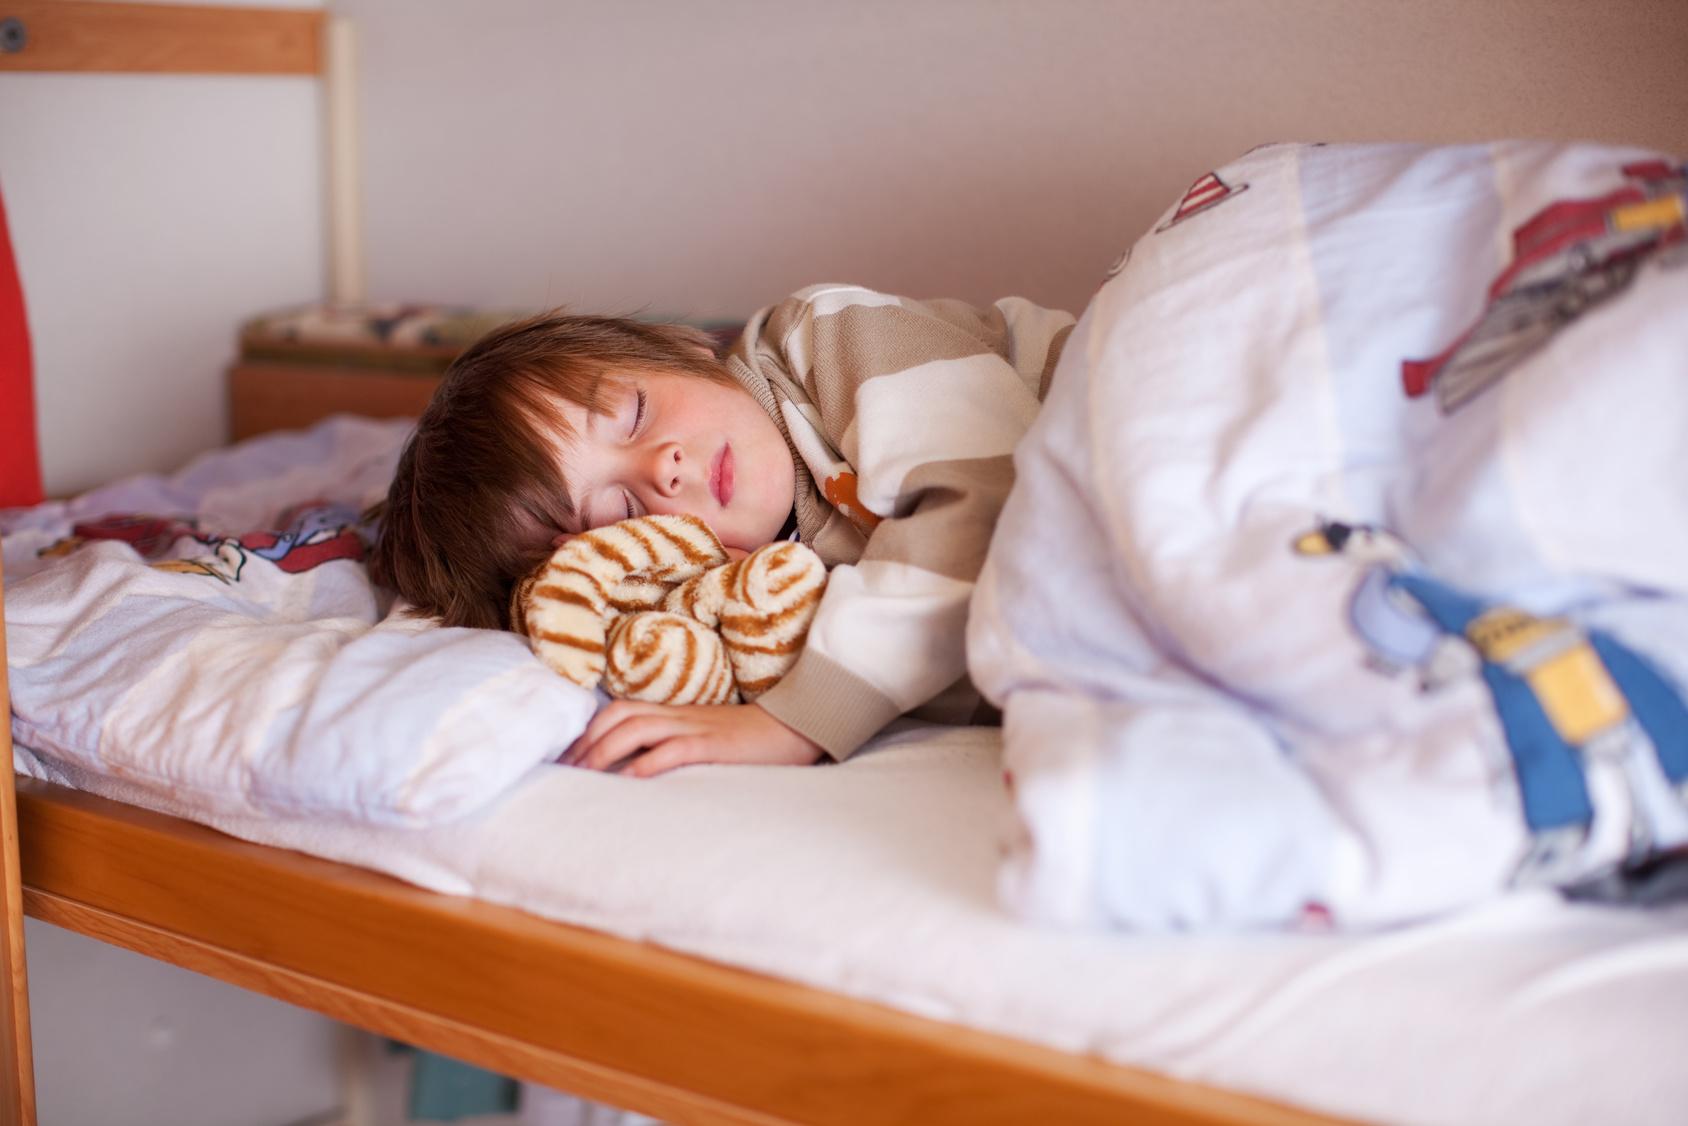 Etagenbett Kind Und Baby : Hochbett im kinderzimmer: tipps zum kauf von hochbetten